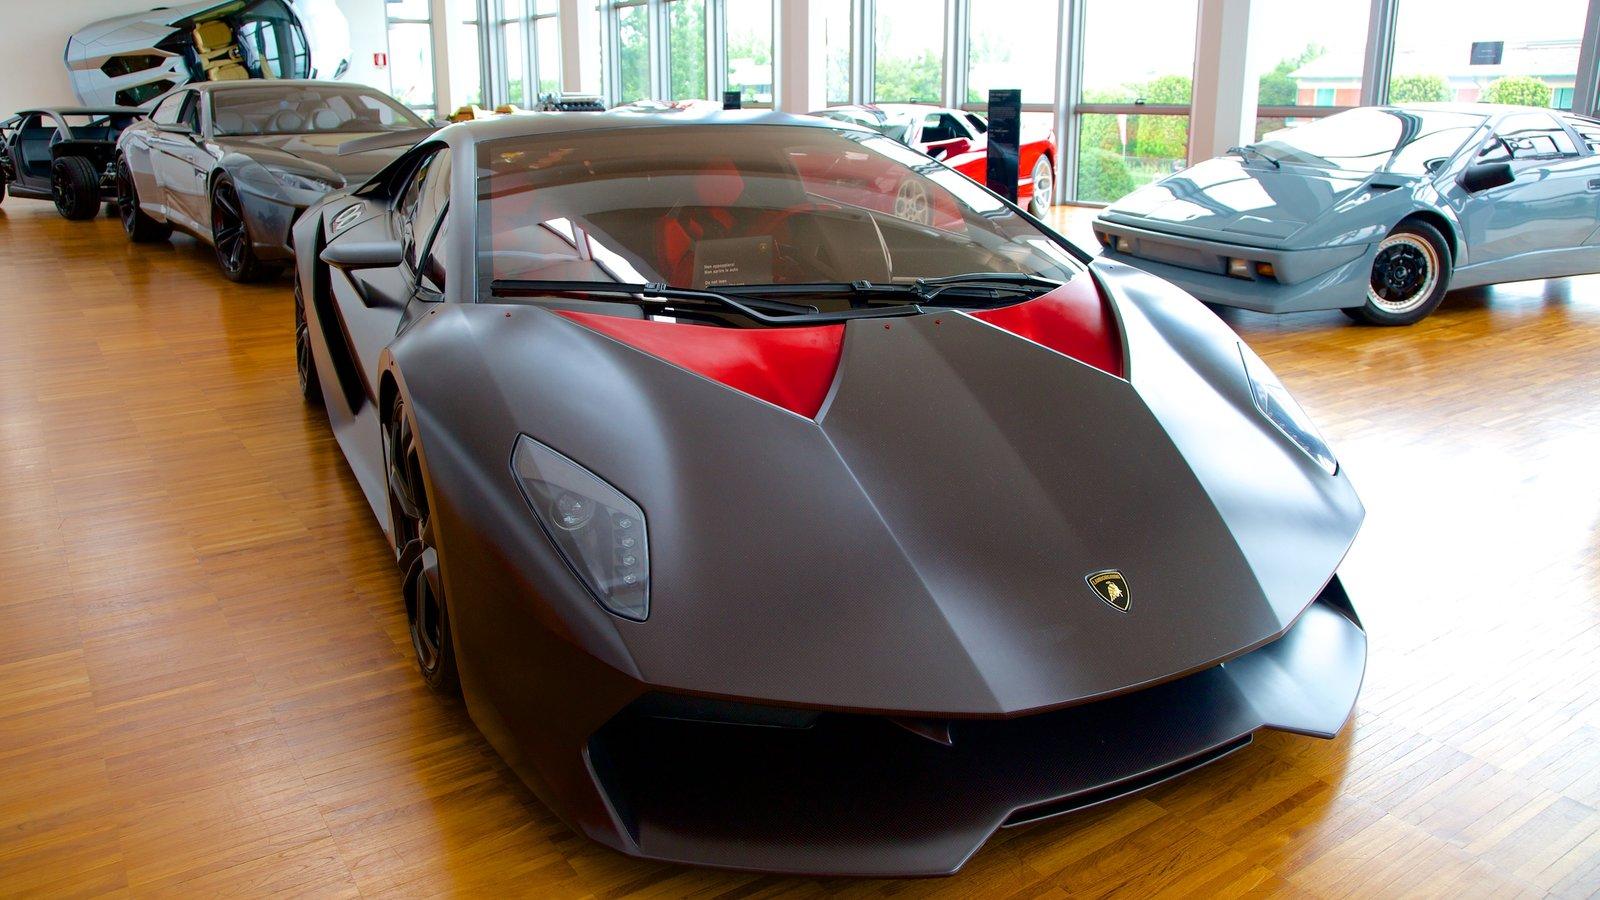 Lamborghini Museum showing interior views